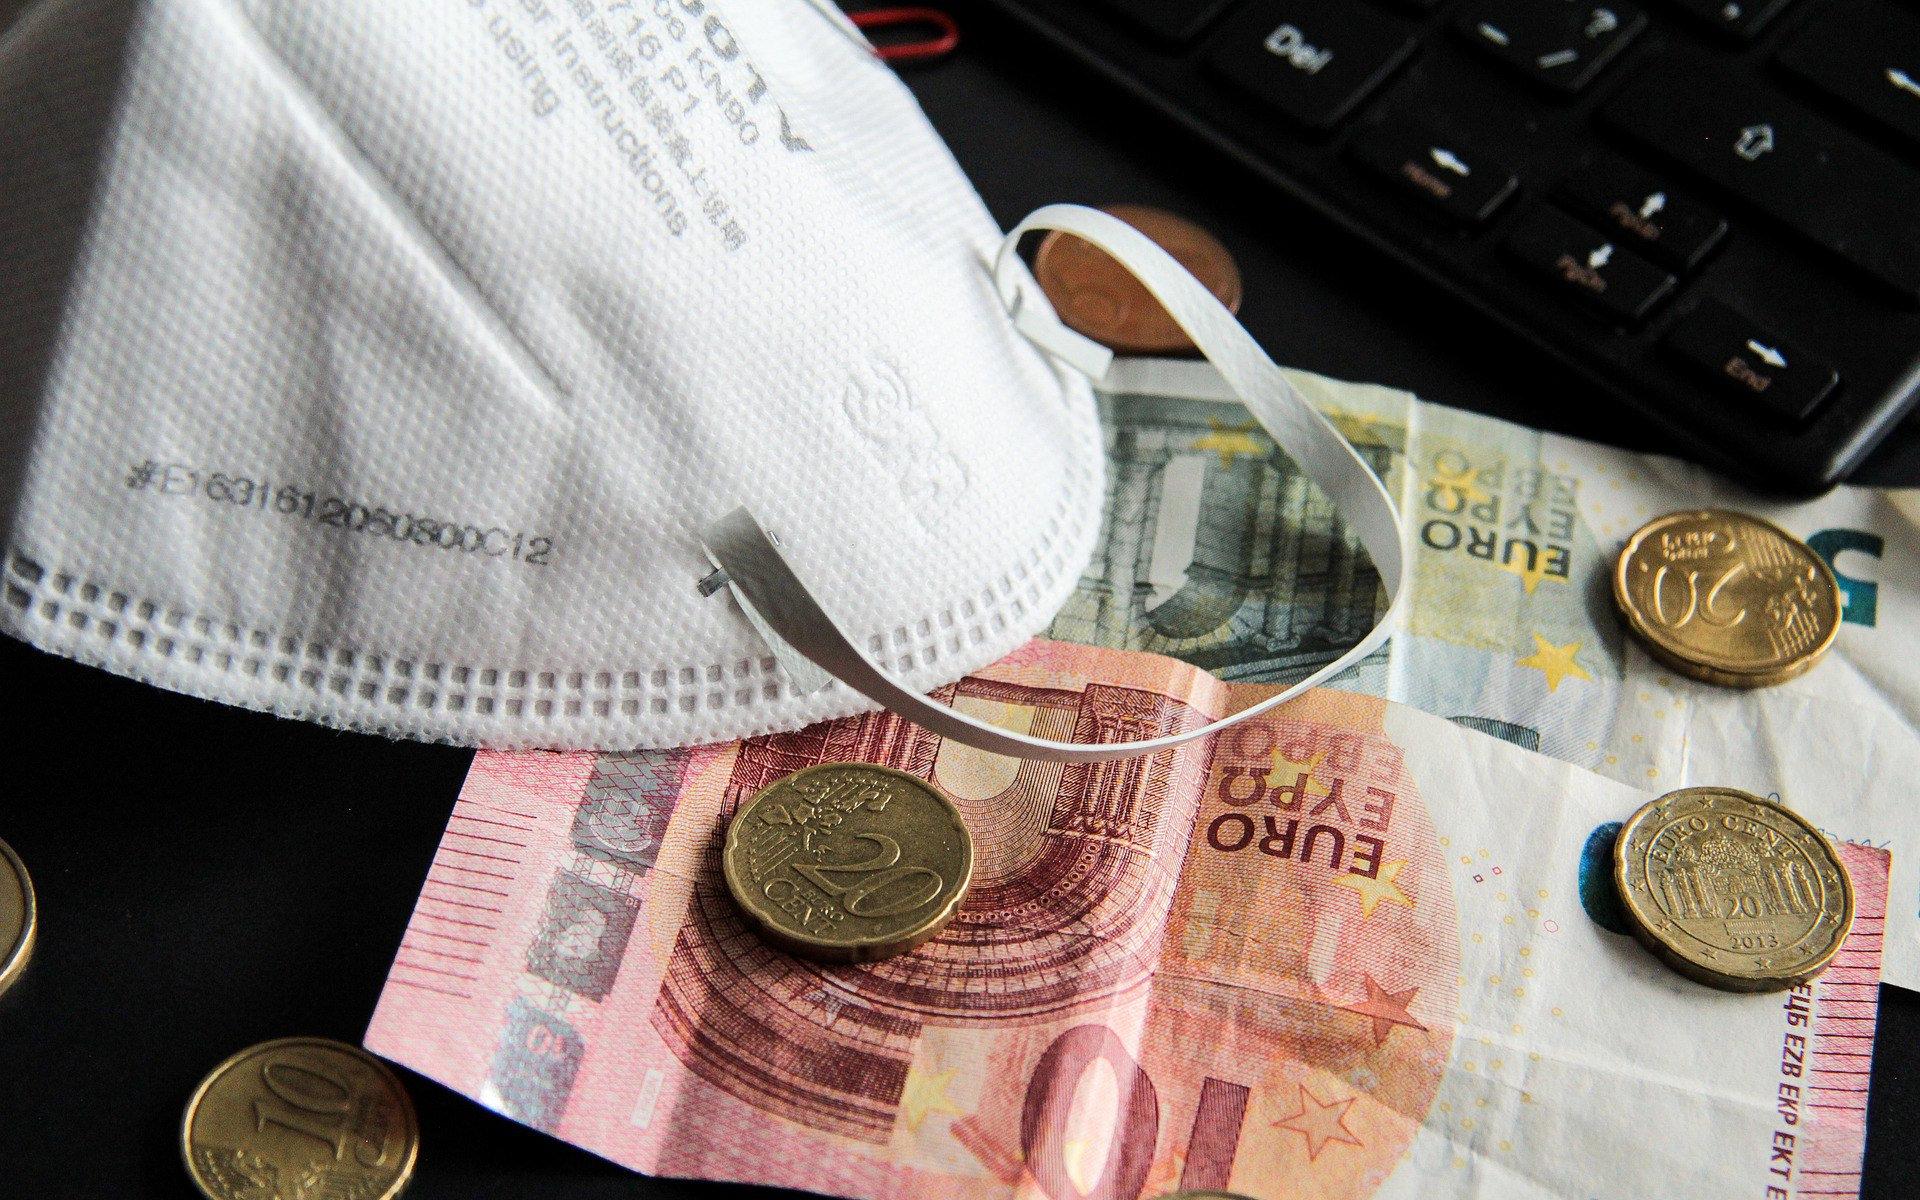 Confimi Puglia: les mesures immédiates contre la pandémie économique